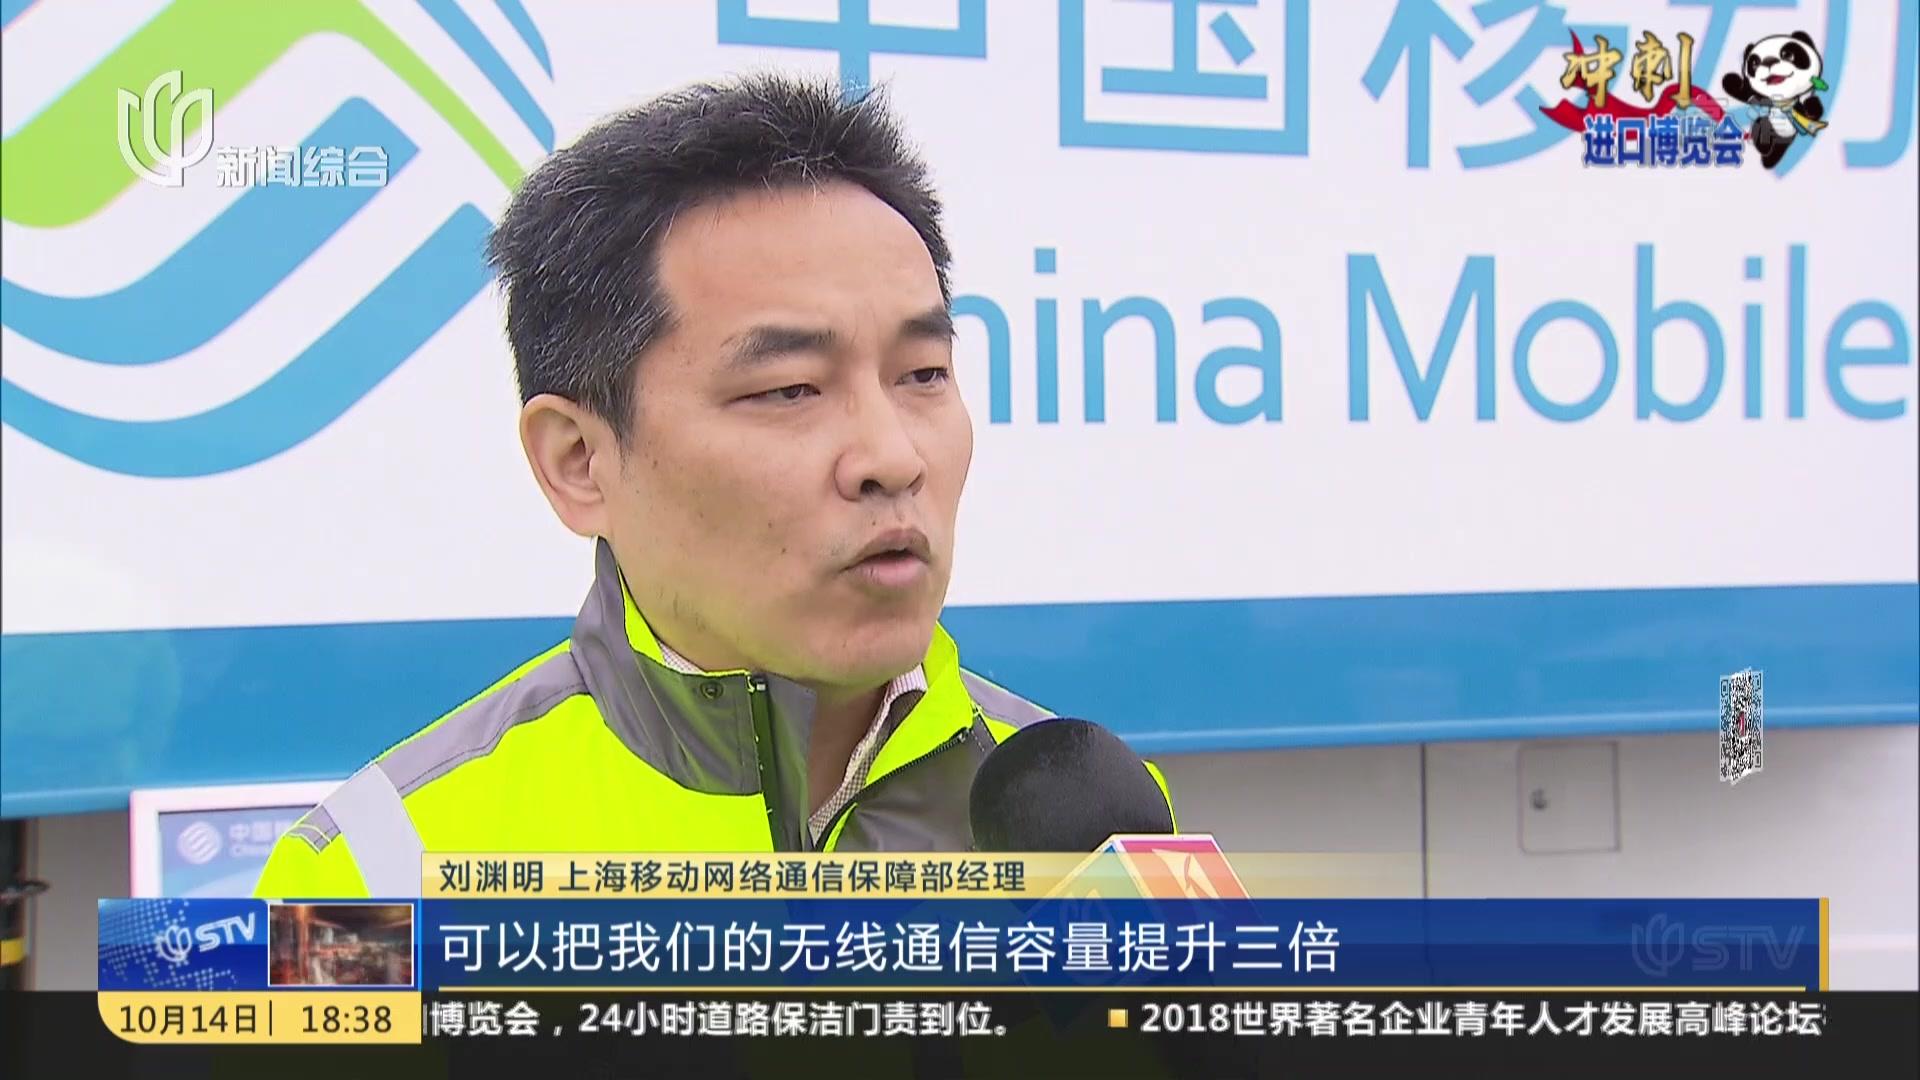 做好进口博览会通信服务  上海移动新产品进驻国展中心